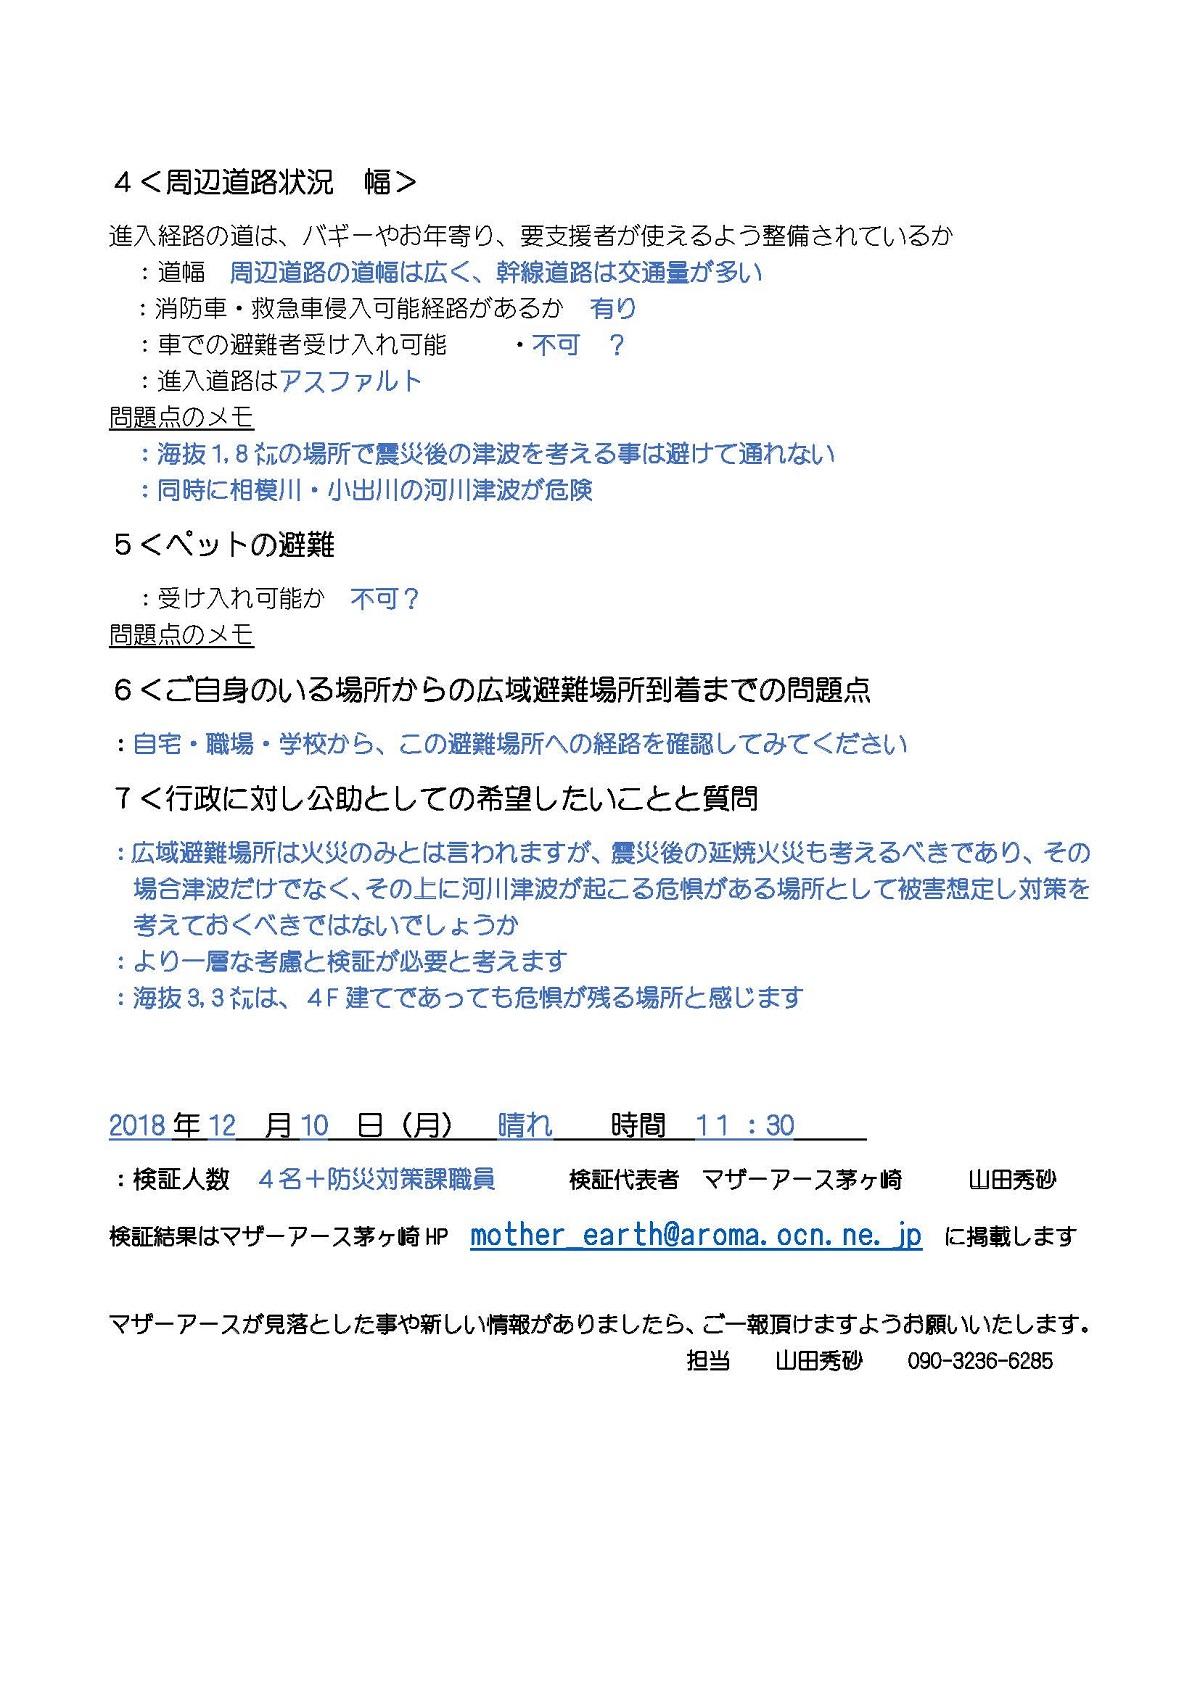 191新ー中島中学校広域指定ーマザーアース茅ヶ崎_ページ_2